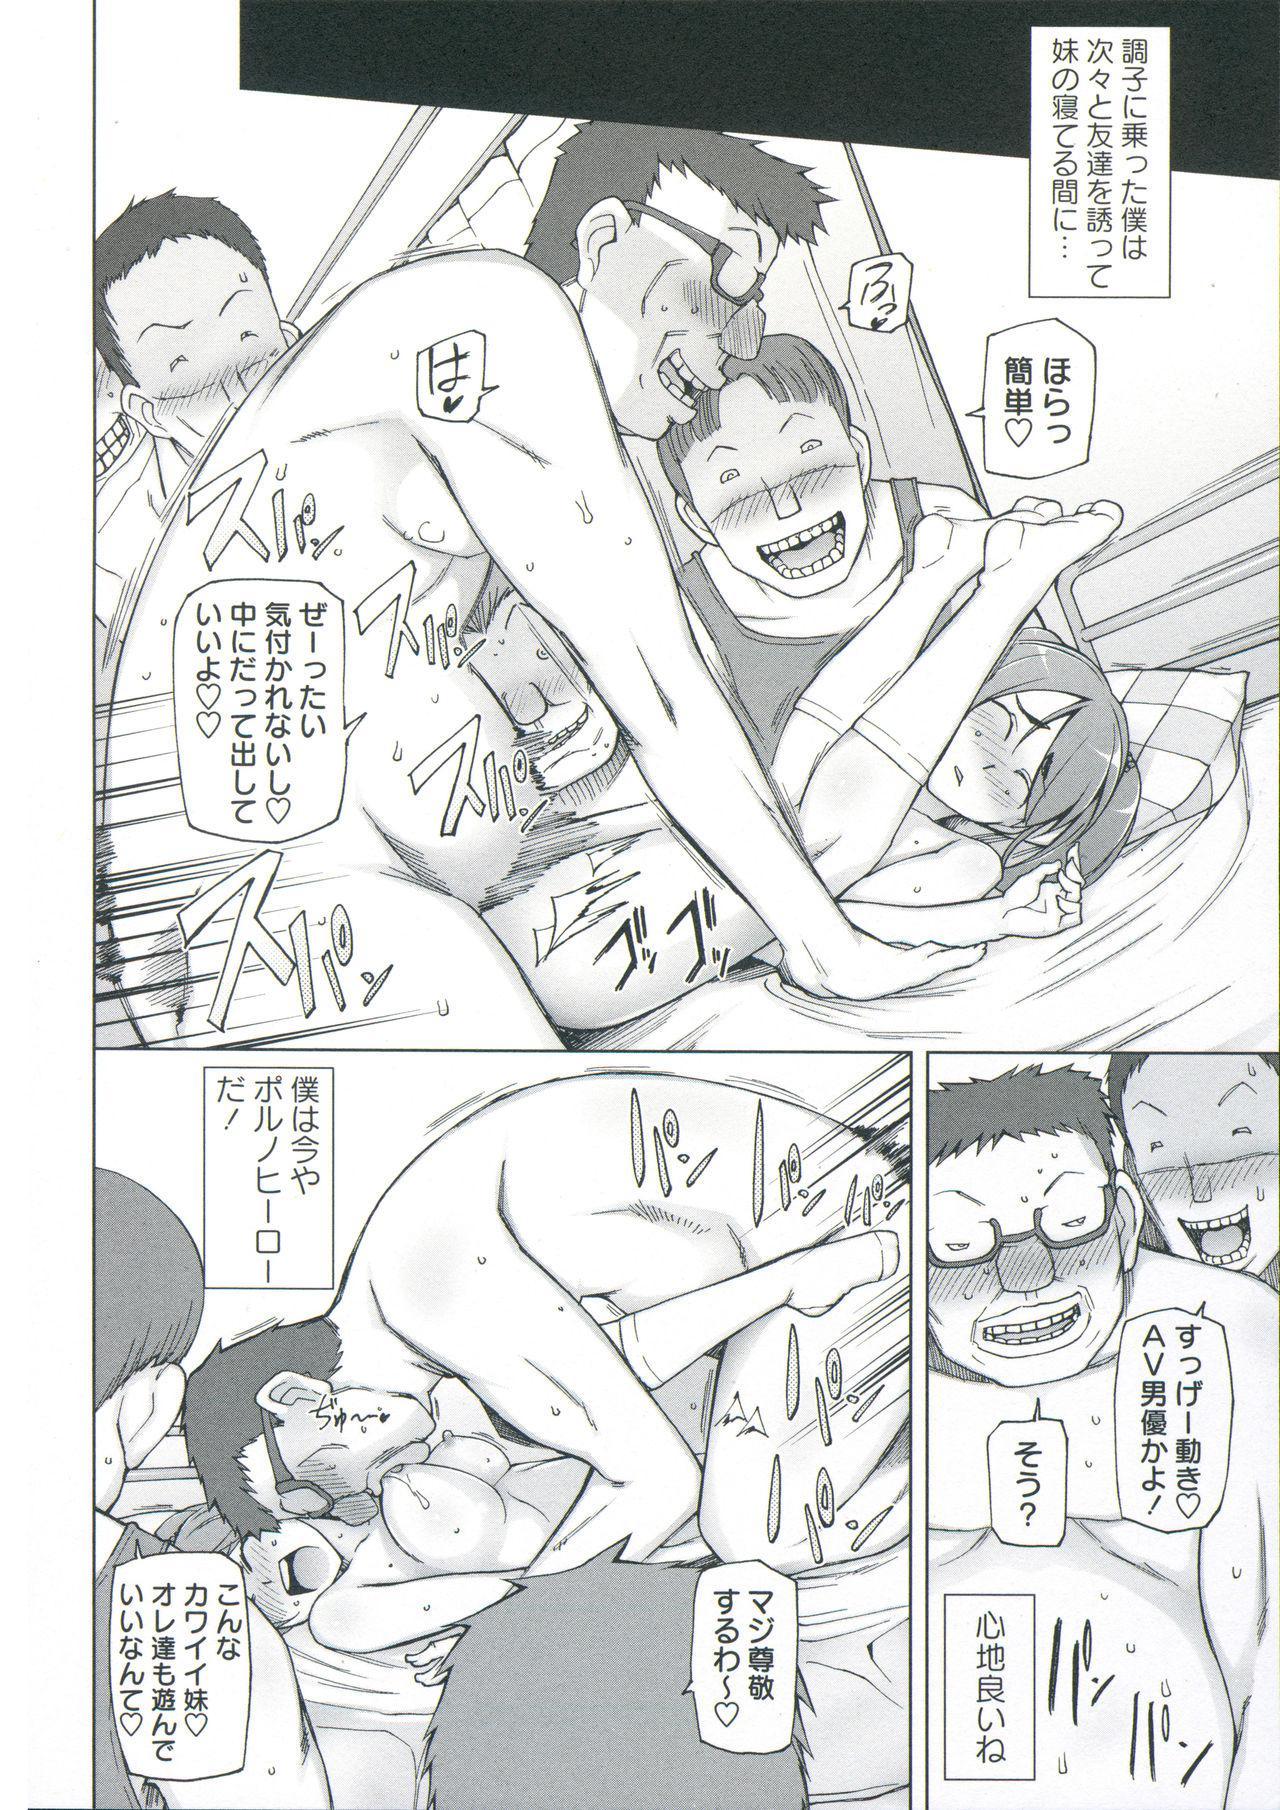 Zettai Jusei Namahame Shoujo 67